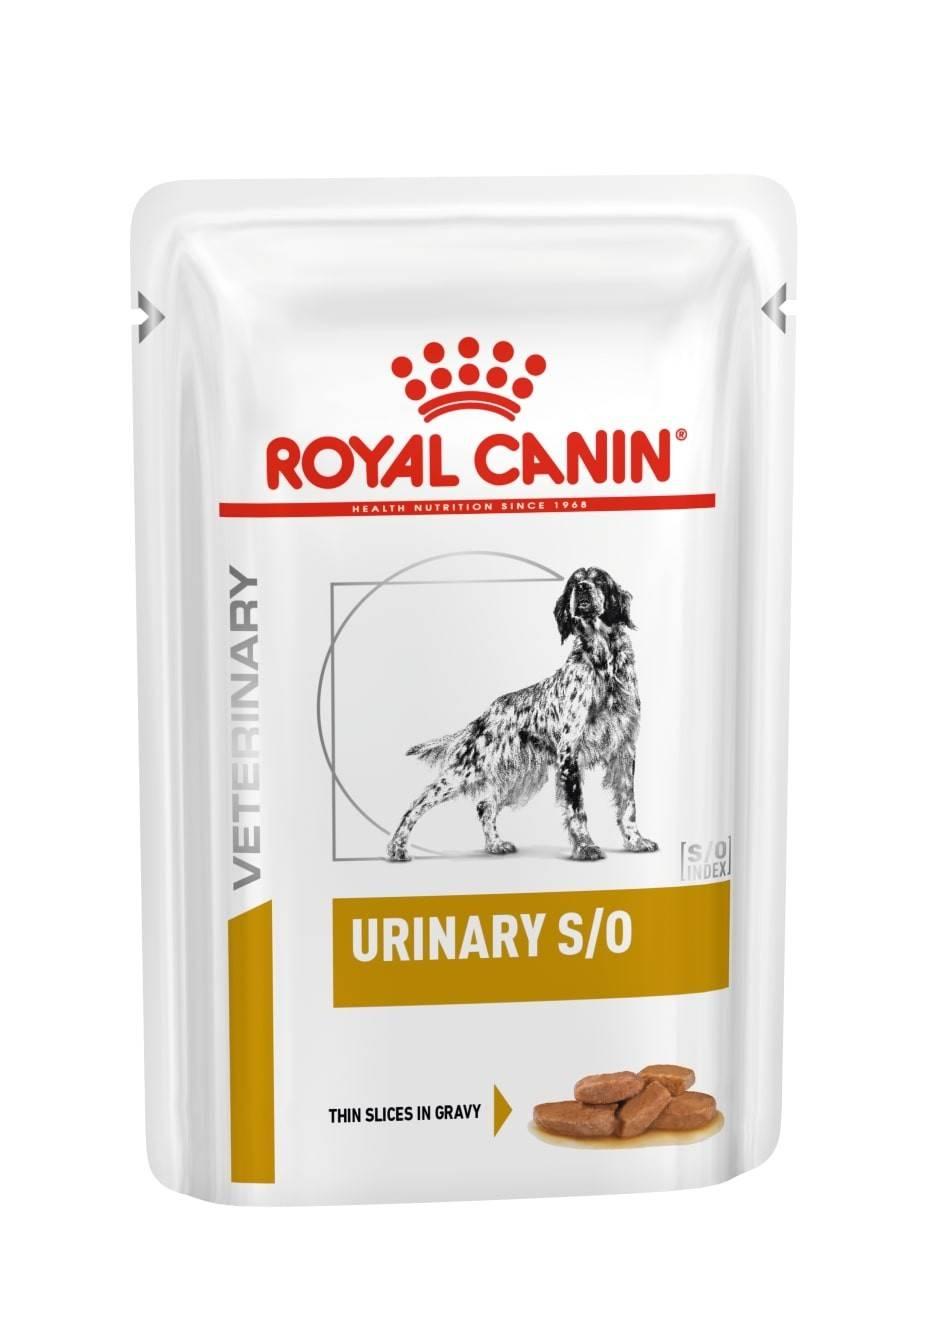 ROYAL CANIN URINARY S/О лікувальний вологий корм, шматочки в соусі, для собак при захворюваннях нижніх сечовивідних шляхів